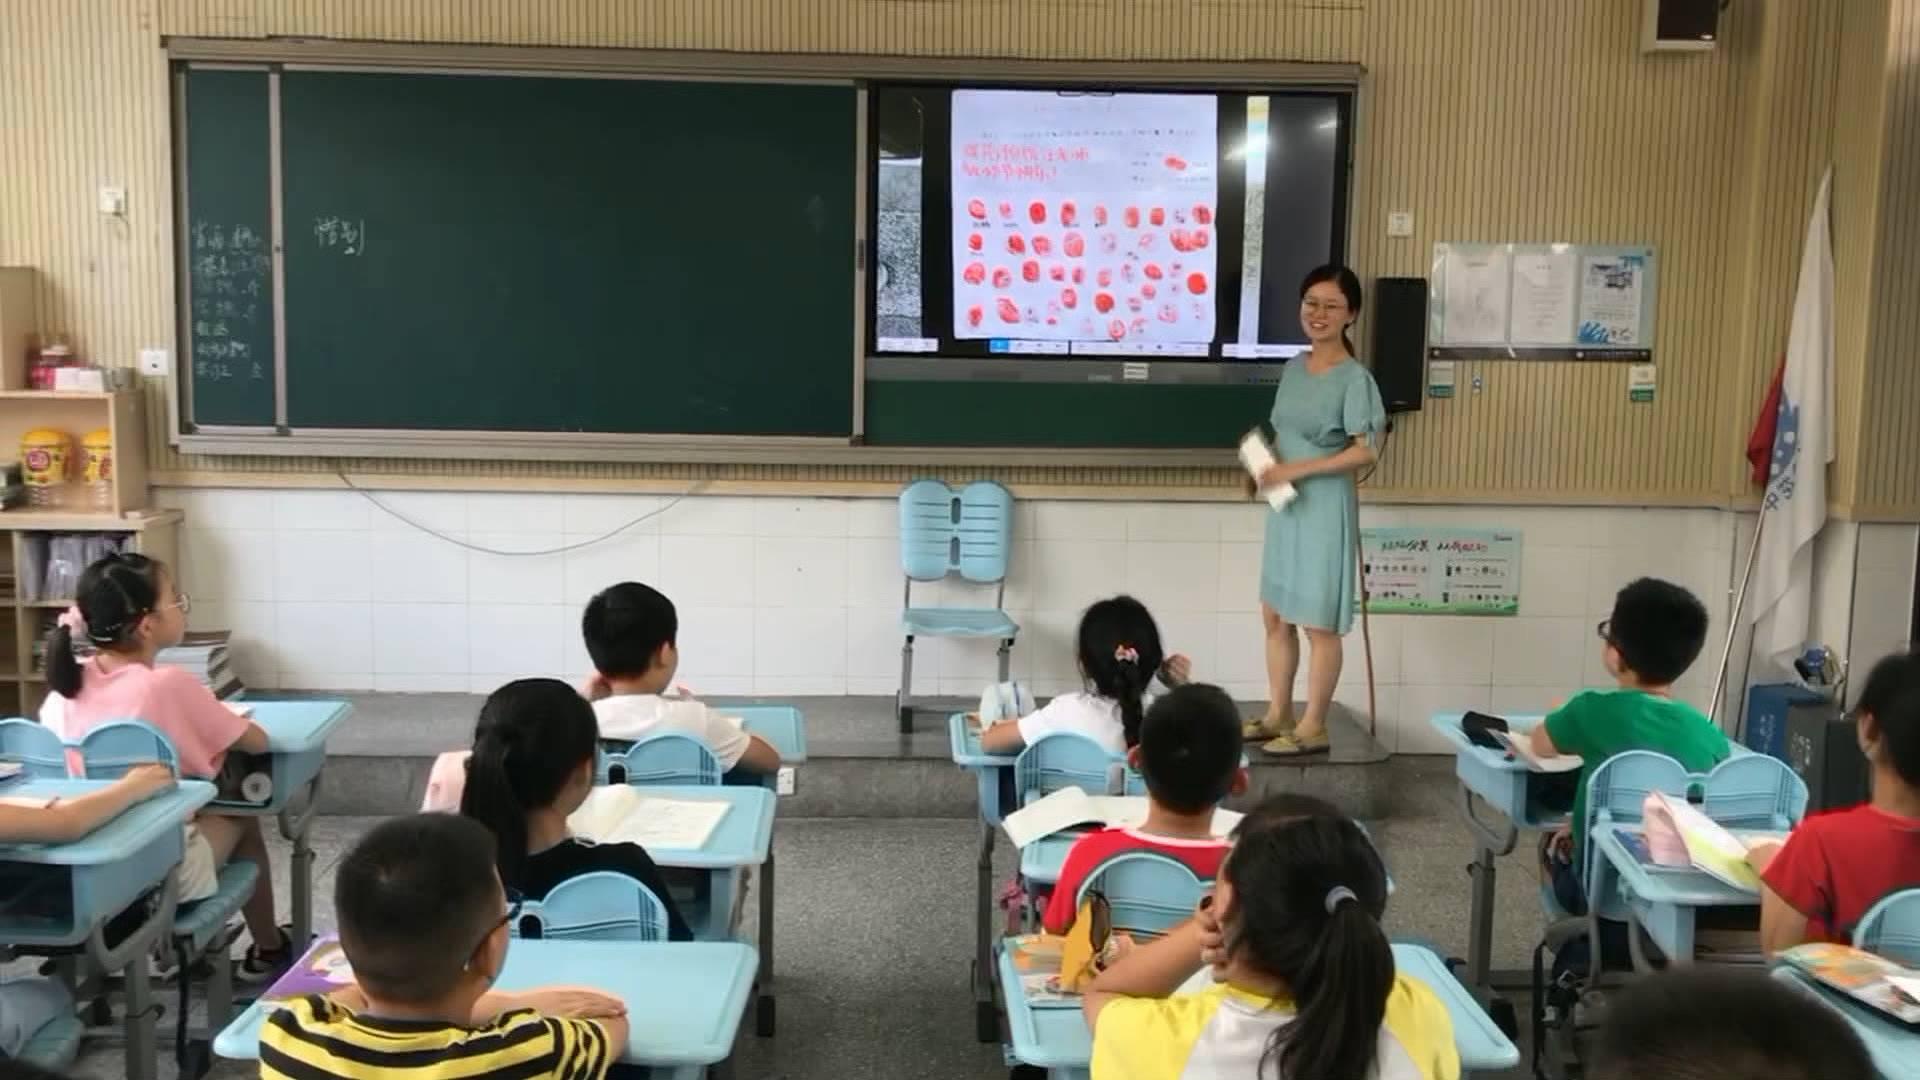 81秒丨感动!全班同学按手印保证不惹怀孕班主任生气